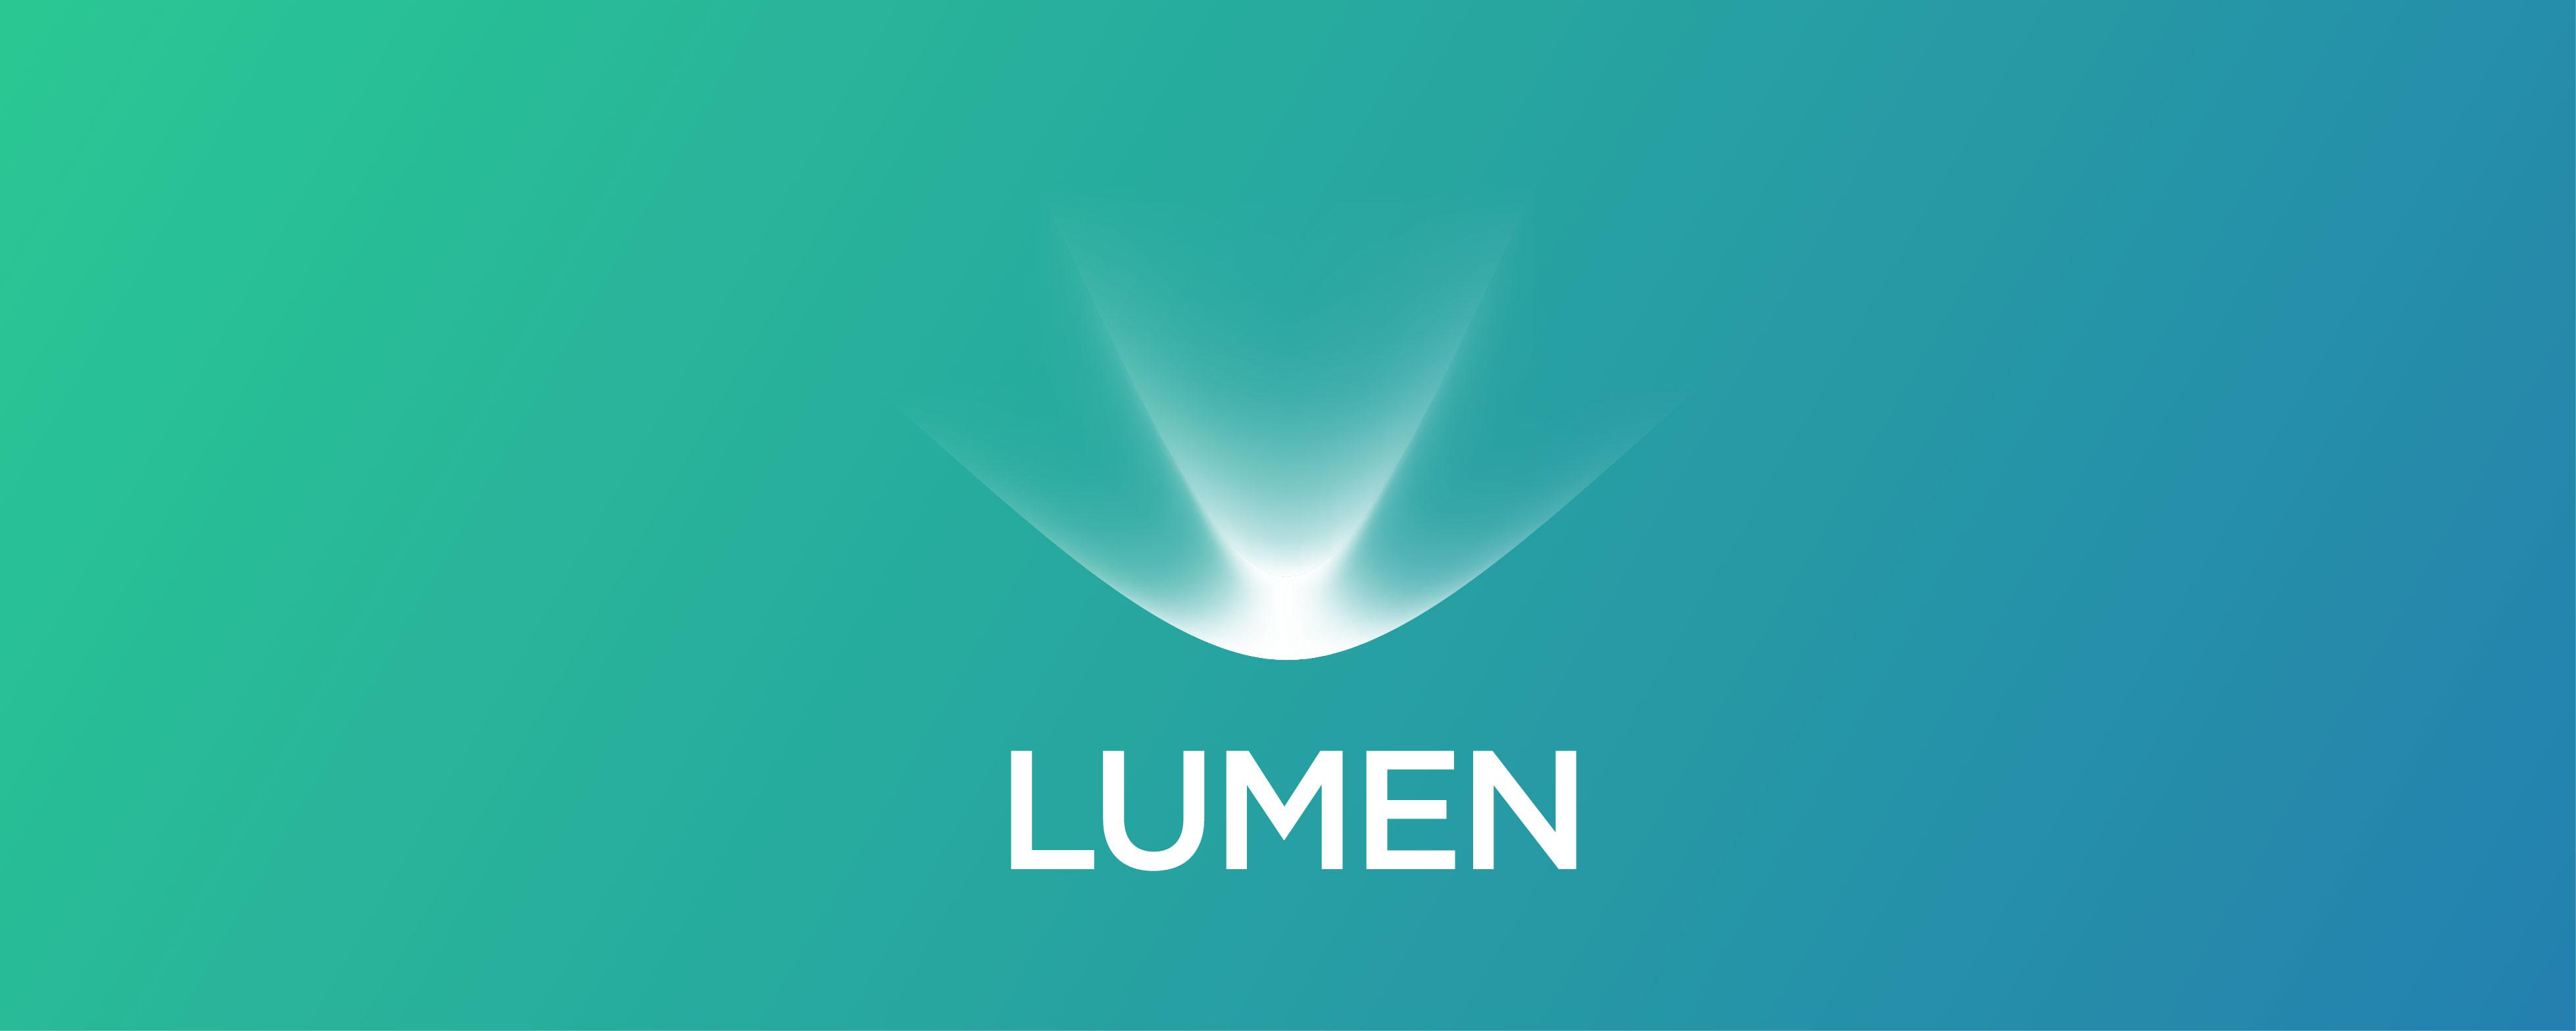 lumen logo-04